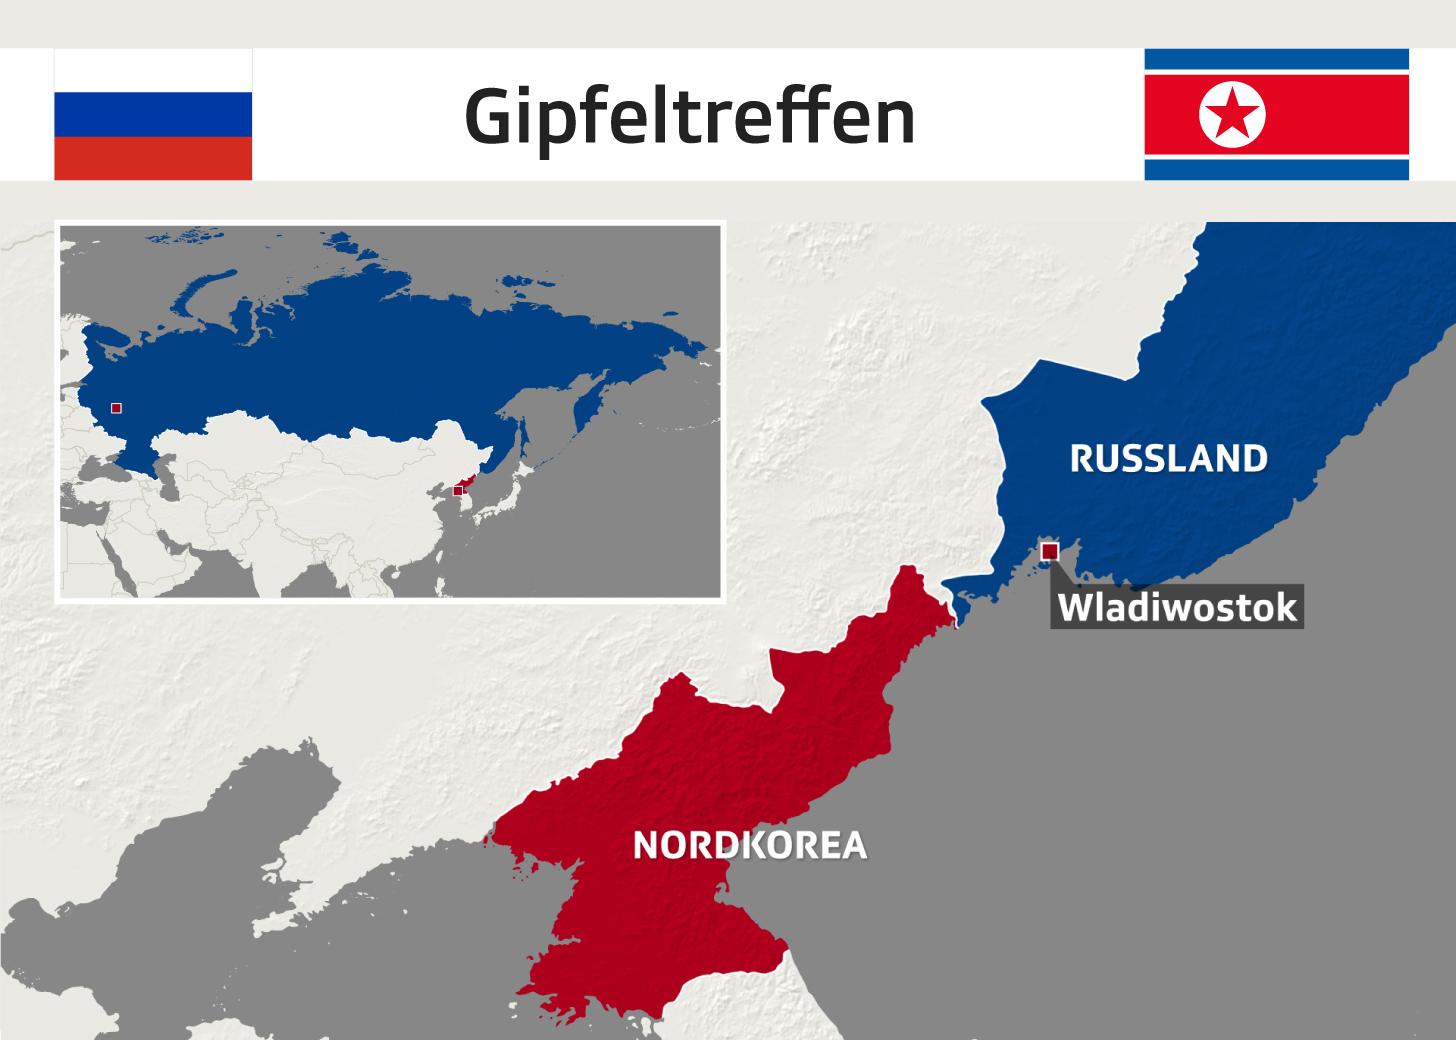 Karte zum russisch-nordkoreanischen Gipfeltreffen in Wladiwostok